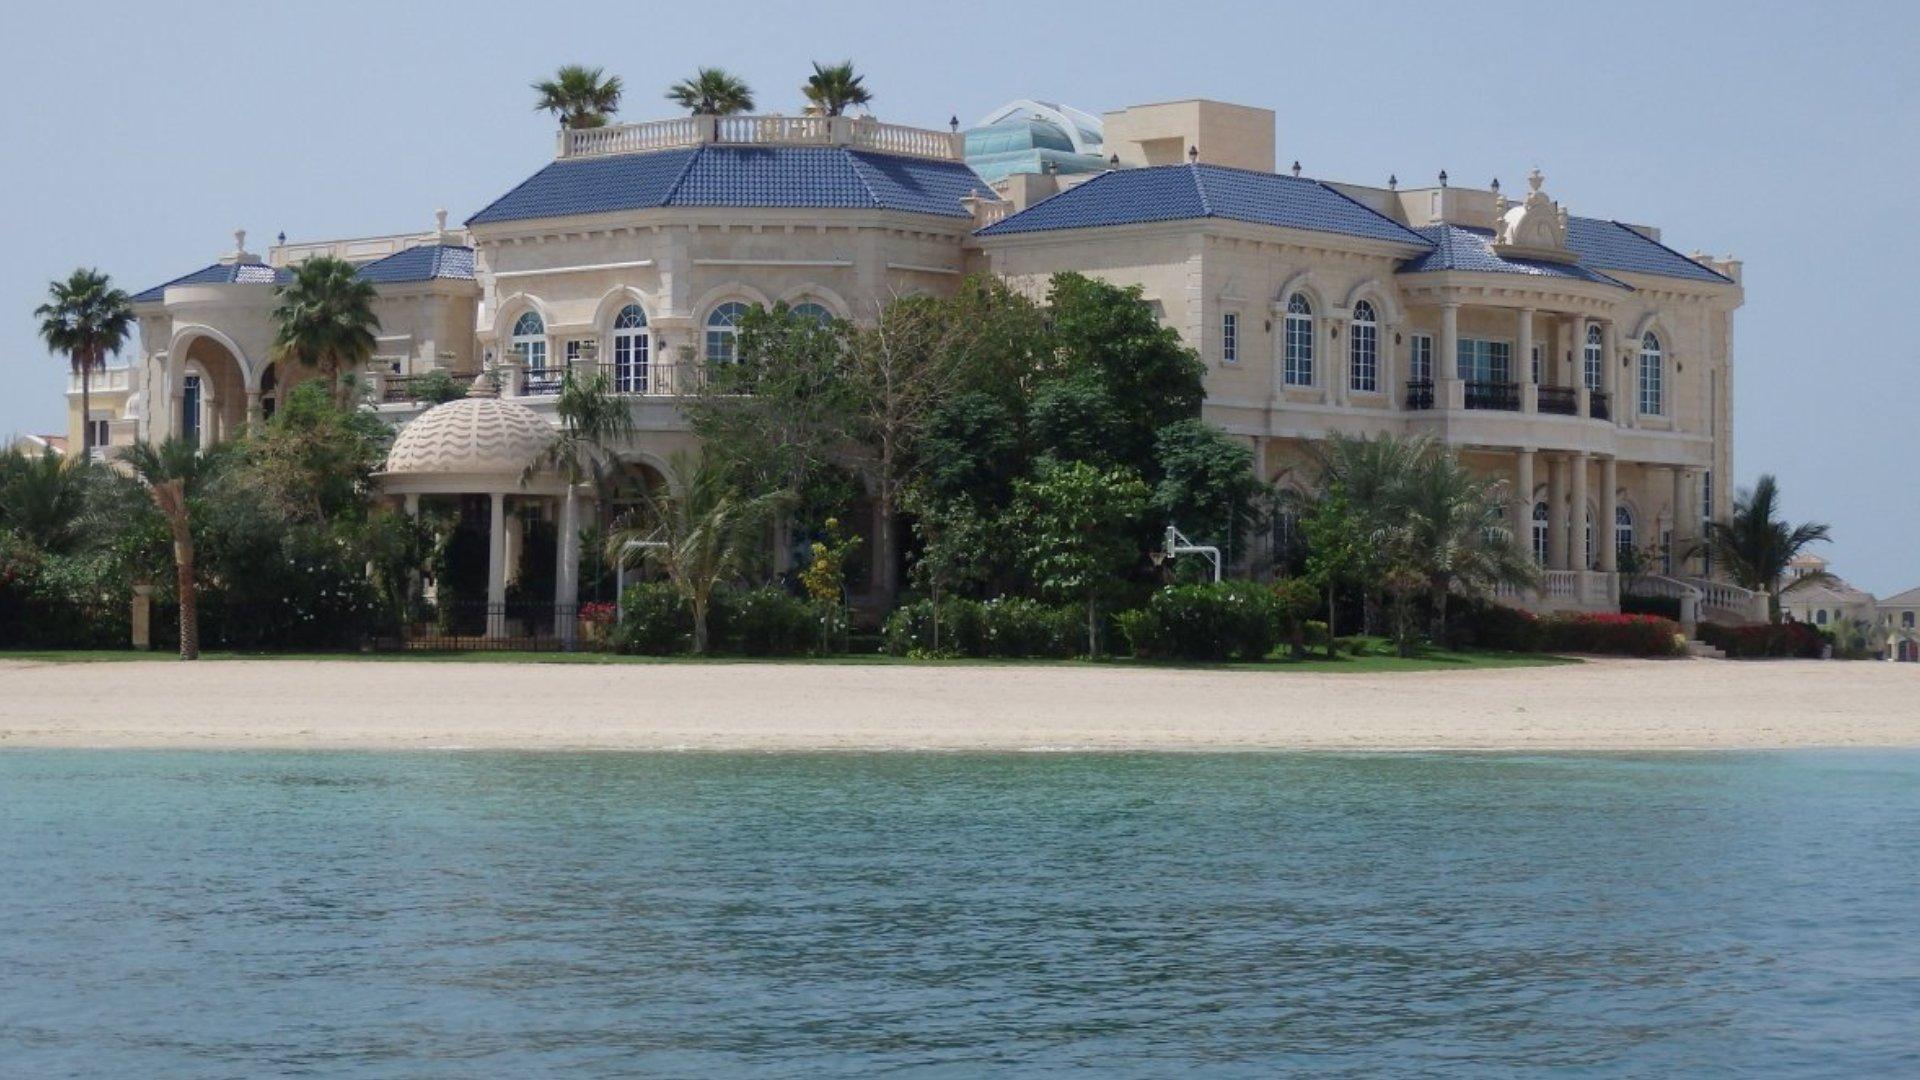 Villa en venta en Dubai, EAU, 6 dormitorios, 2044 m2, № 24491 – foto 1